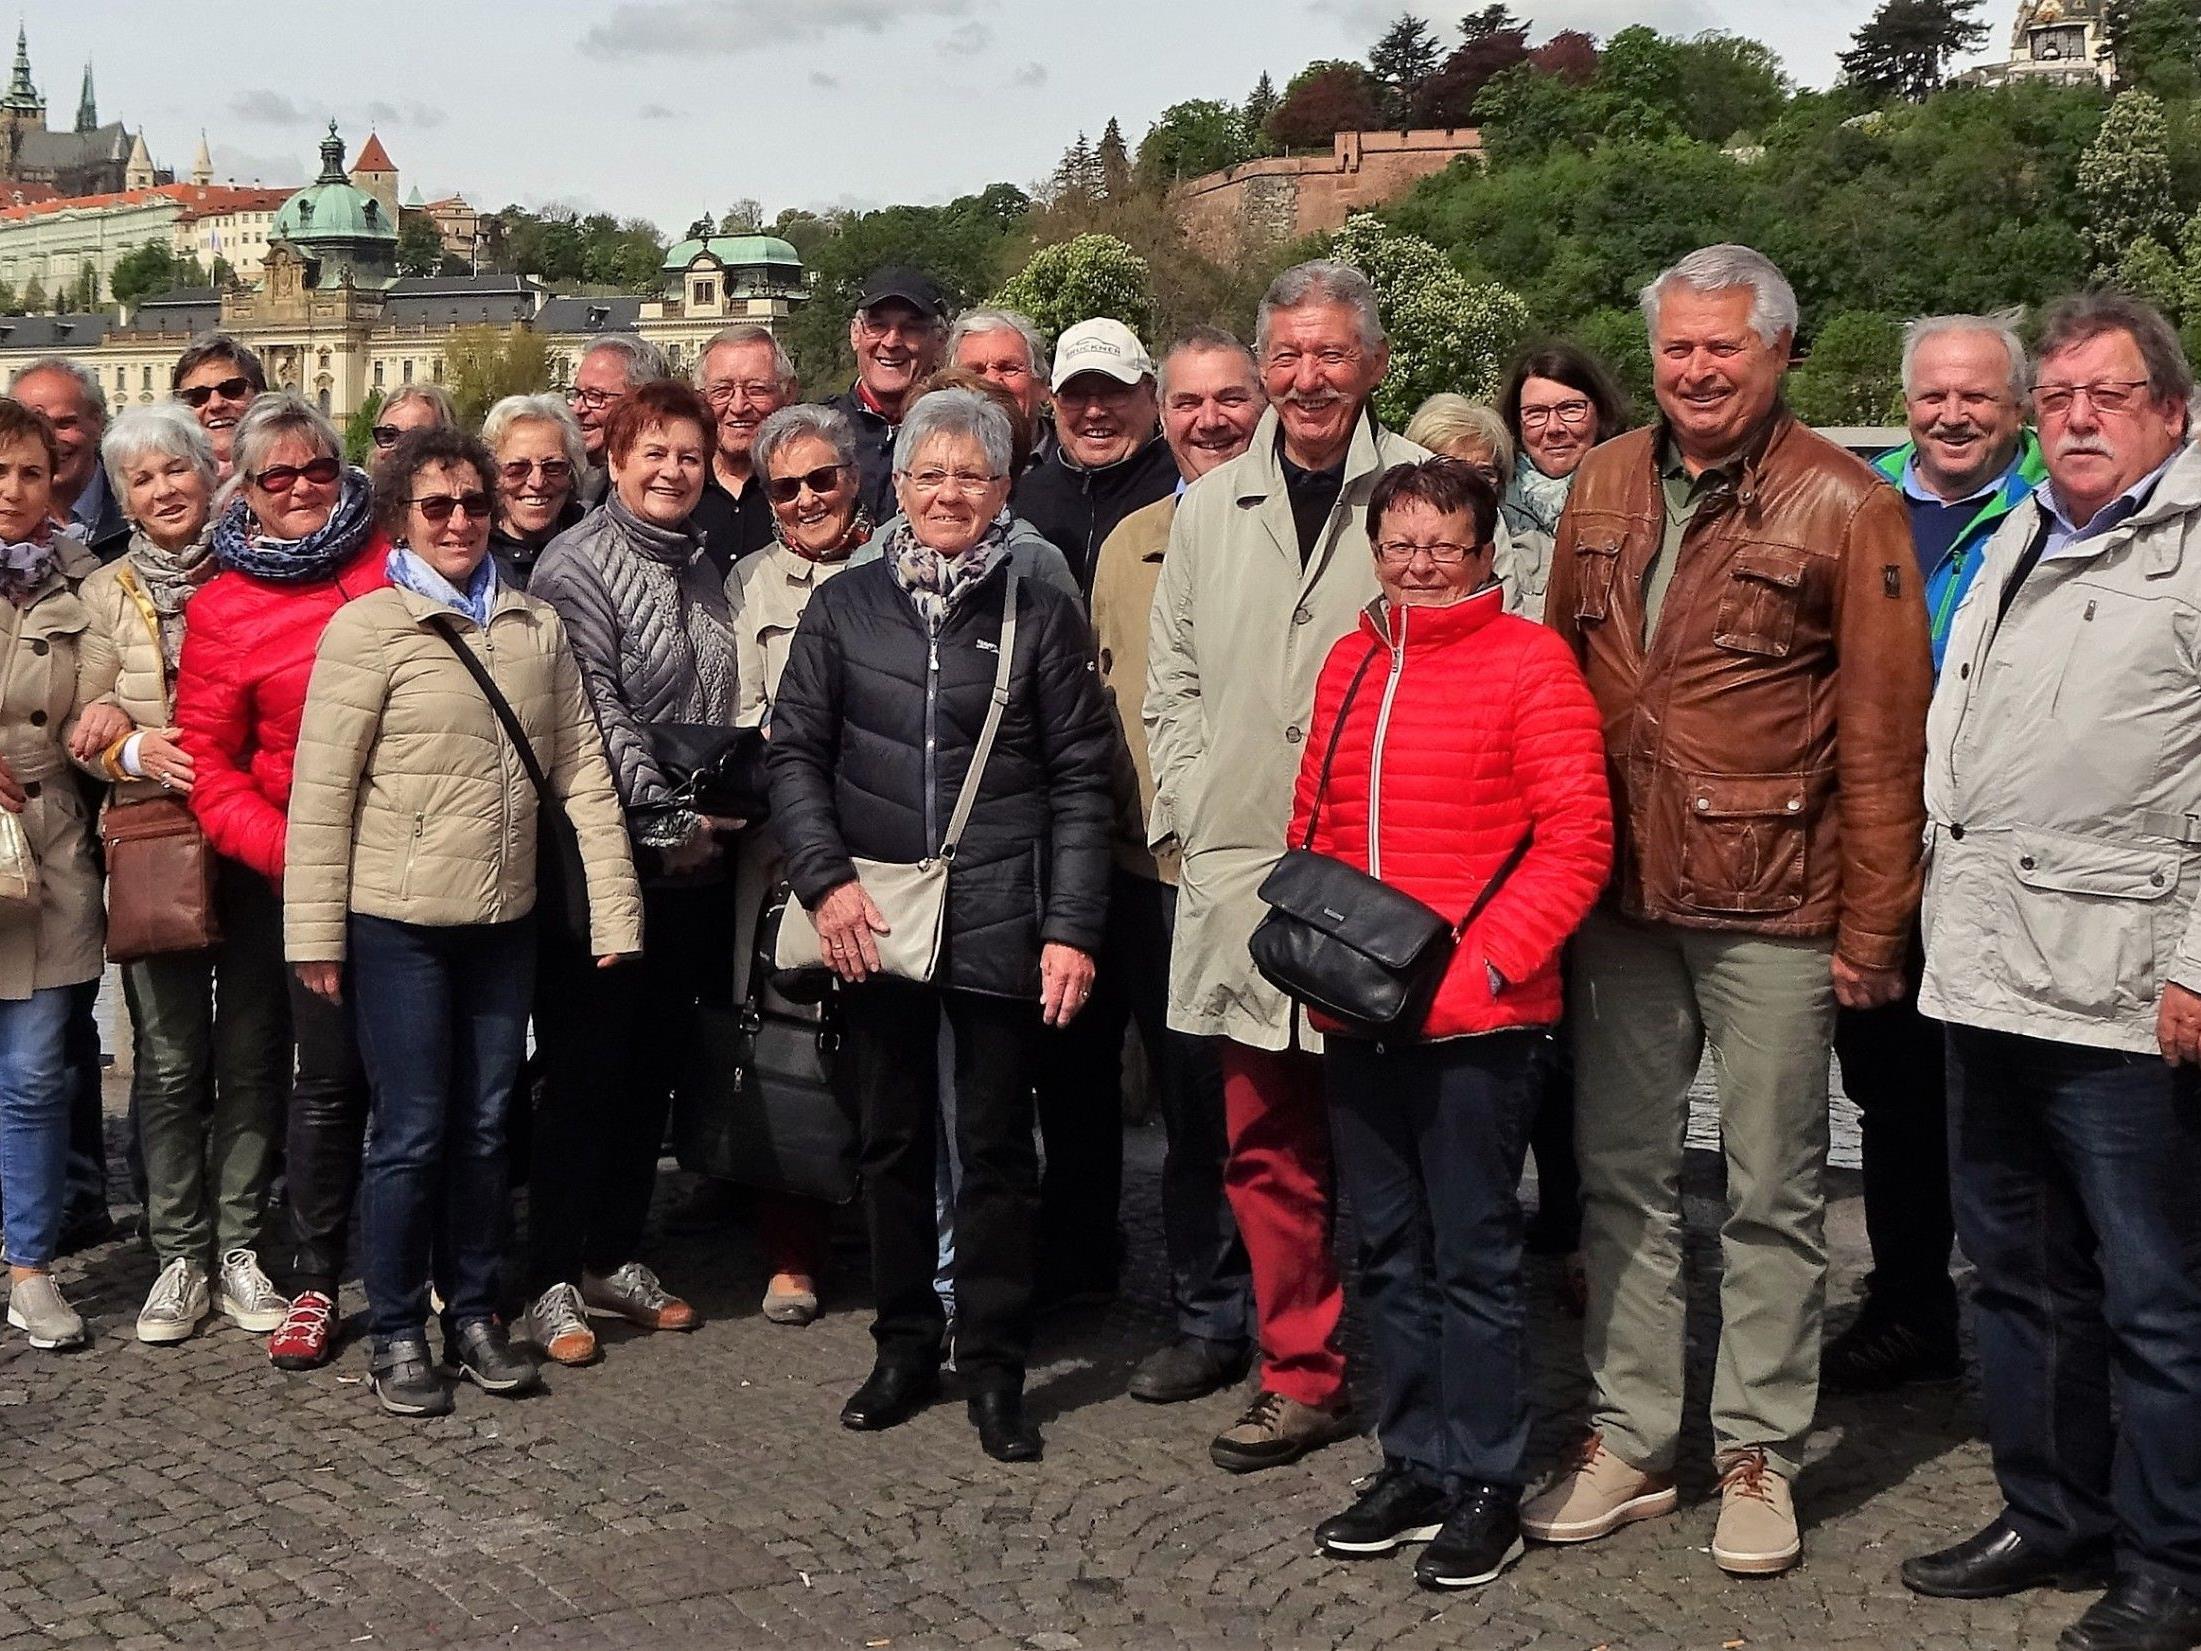 Die Reiseteilnehmer am Ufer der Moldau, im Hintergrund die Prager Burg